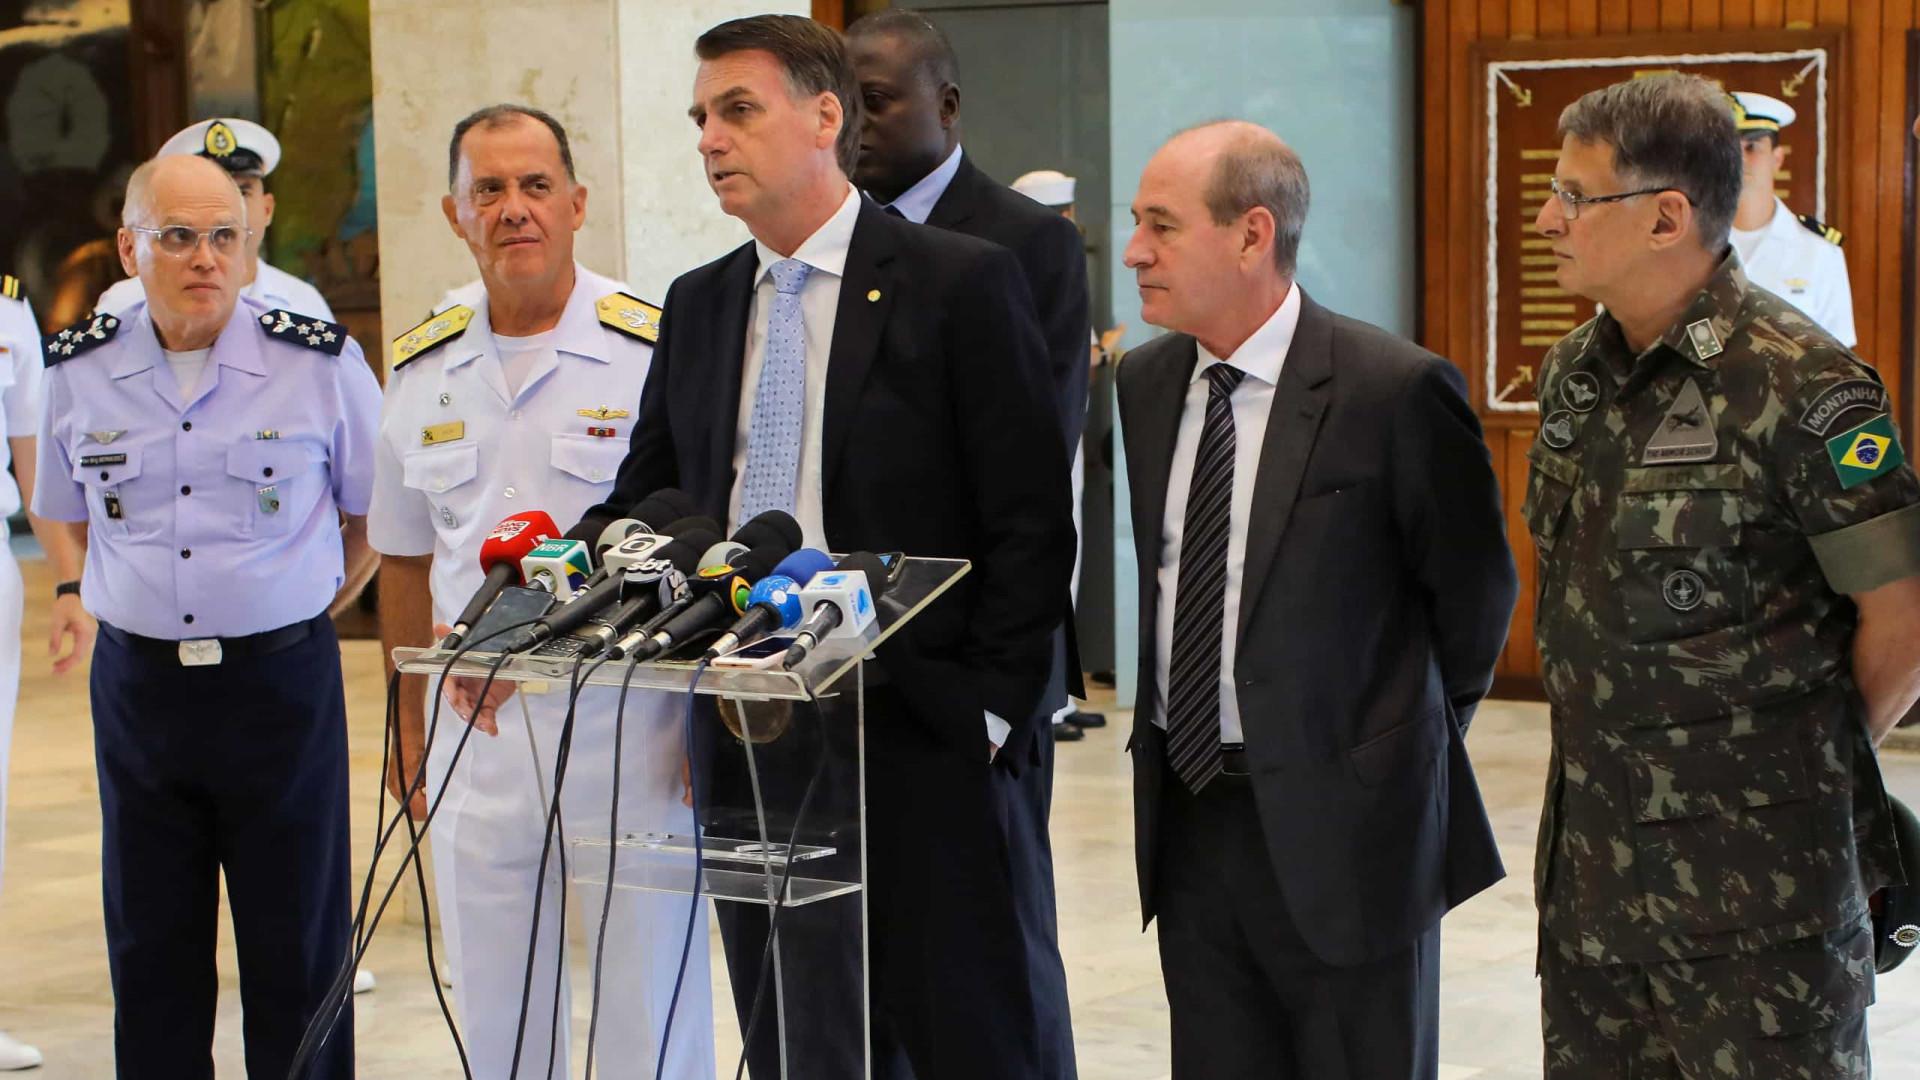 Comandantes das Forças Armadas se demitem em protesto contra Bolsonaro